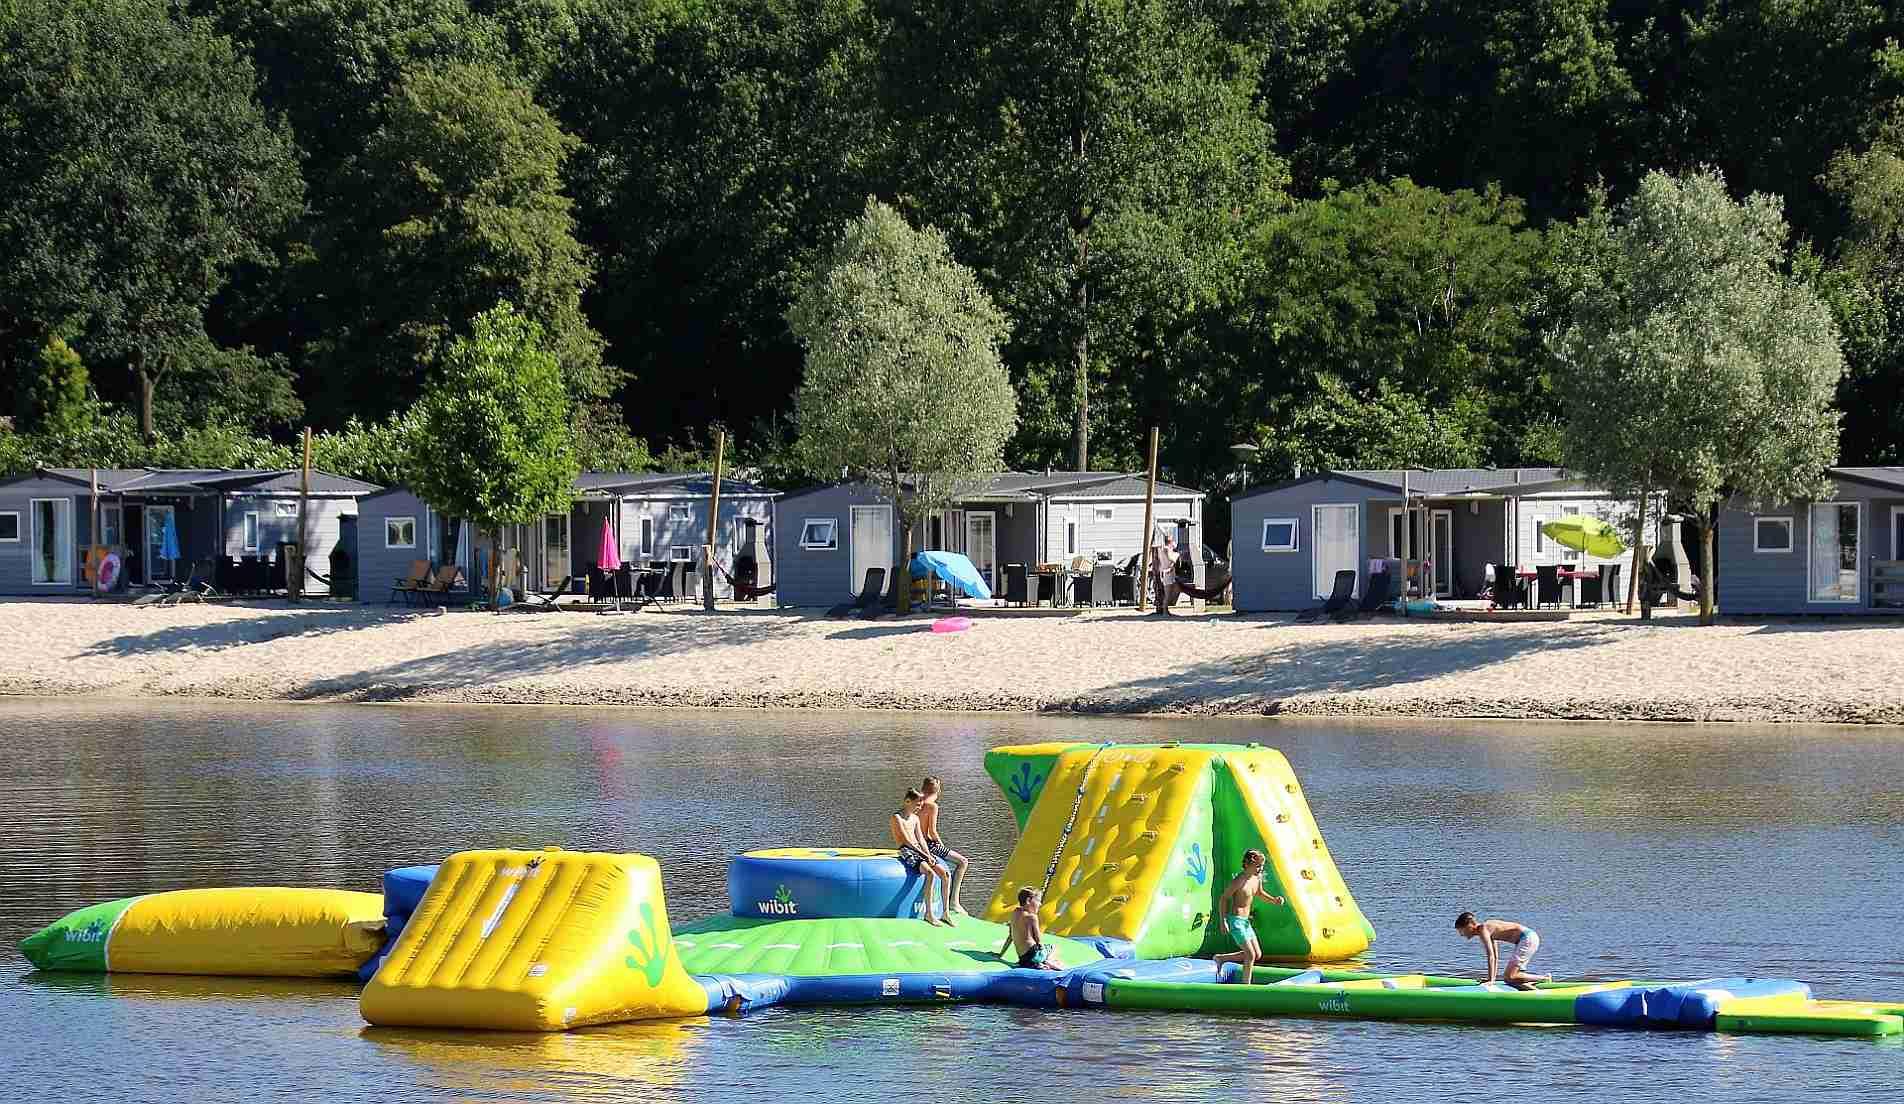 Kamperen aan het strand in Overijssel - kamperen aan het strand in Overijssel